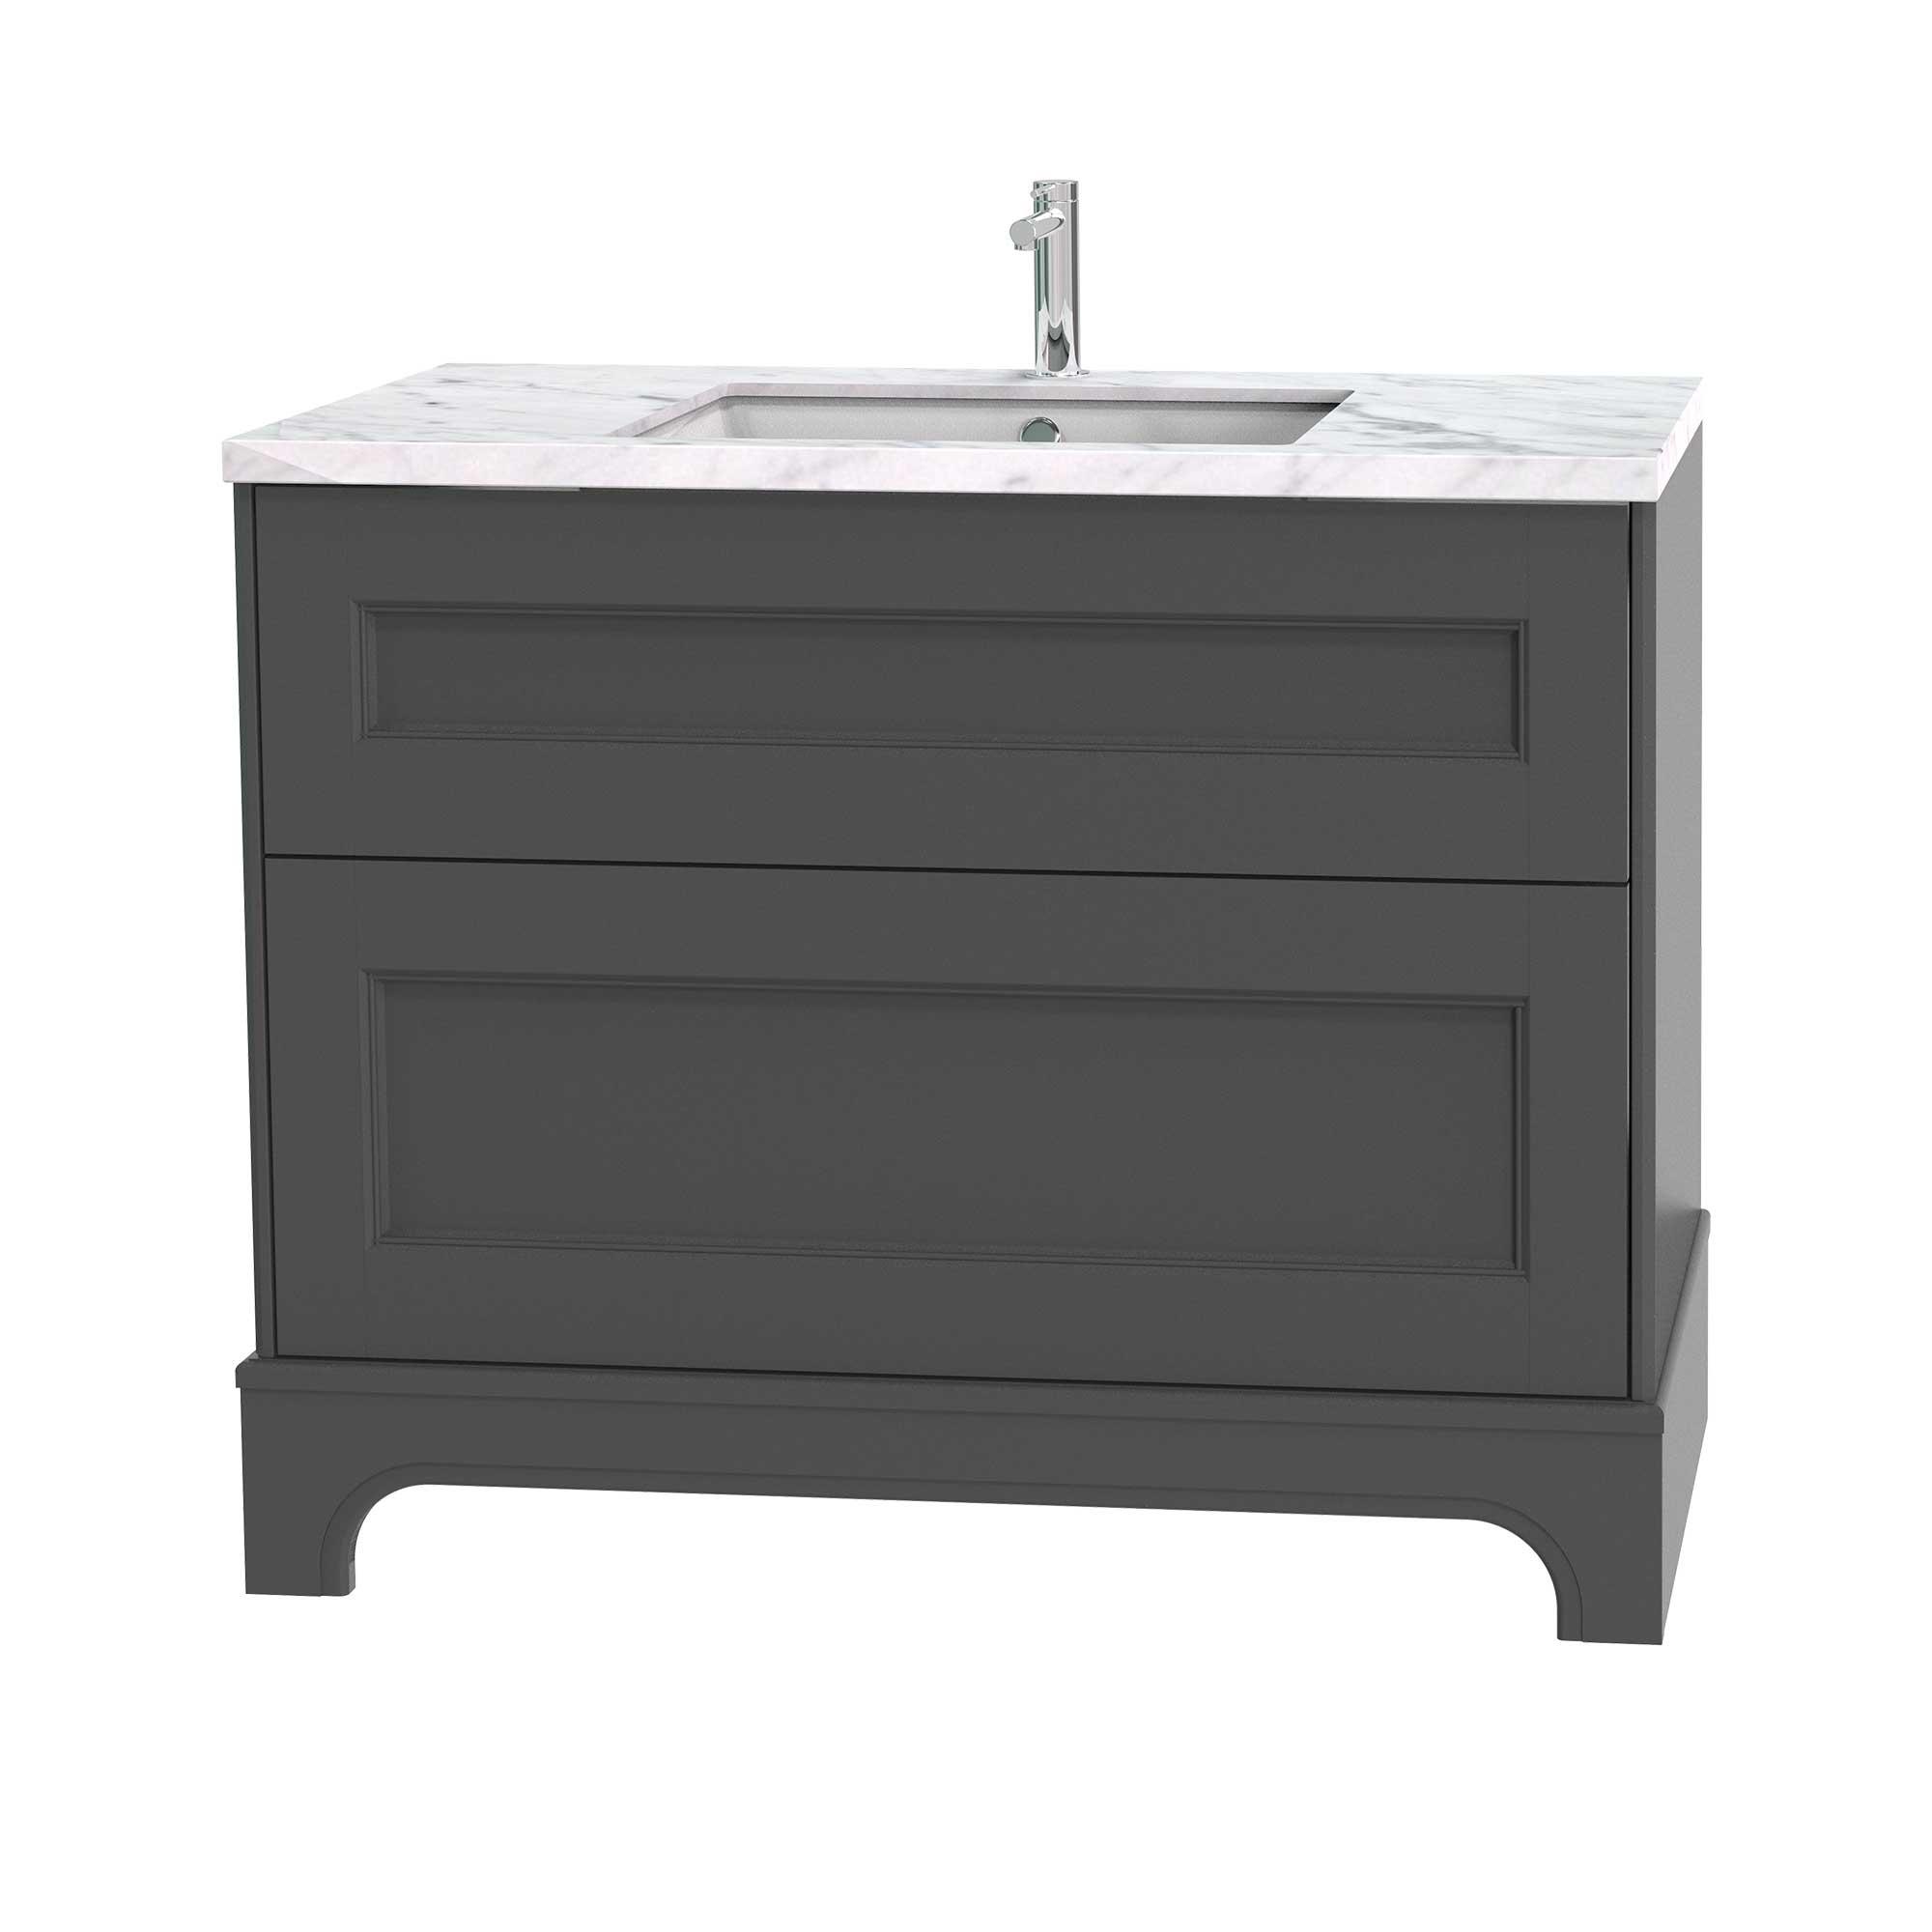 Tvättställsskåp Miller Badrum Kensington 100 med Lådor med Sockel för Bänkskiva